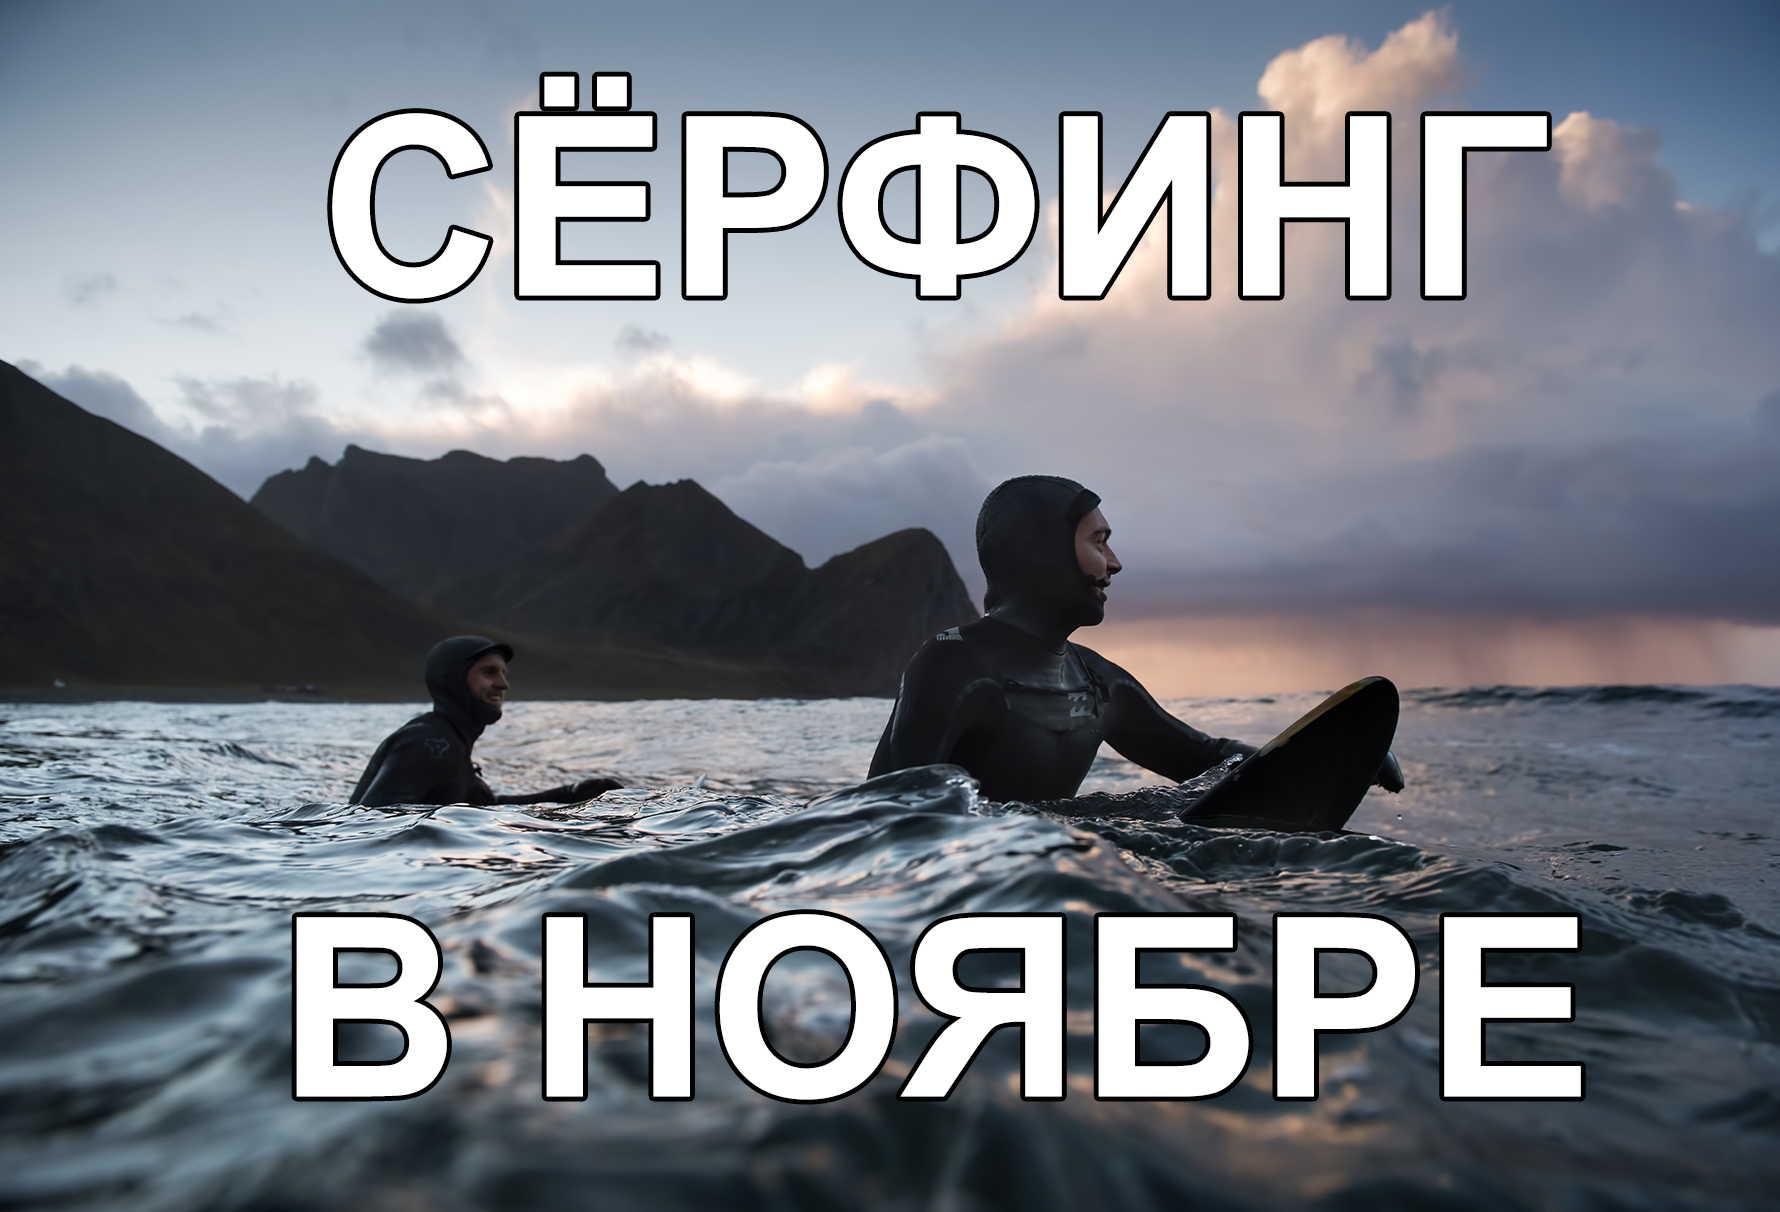 Сёрфинг в ноябре - где лучше сёрфить?